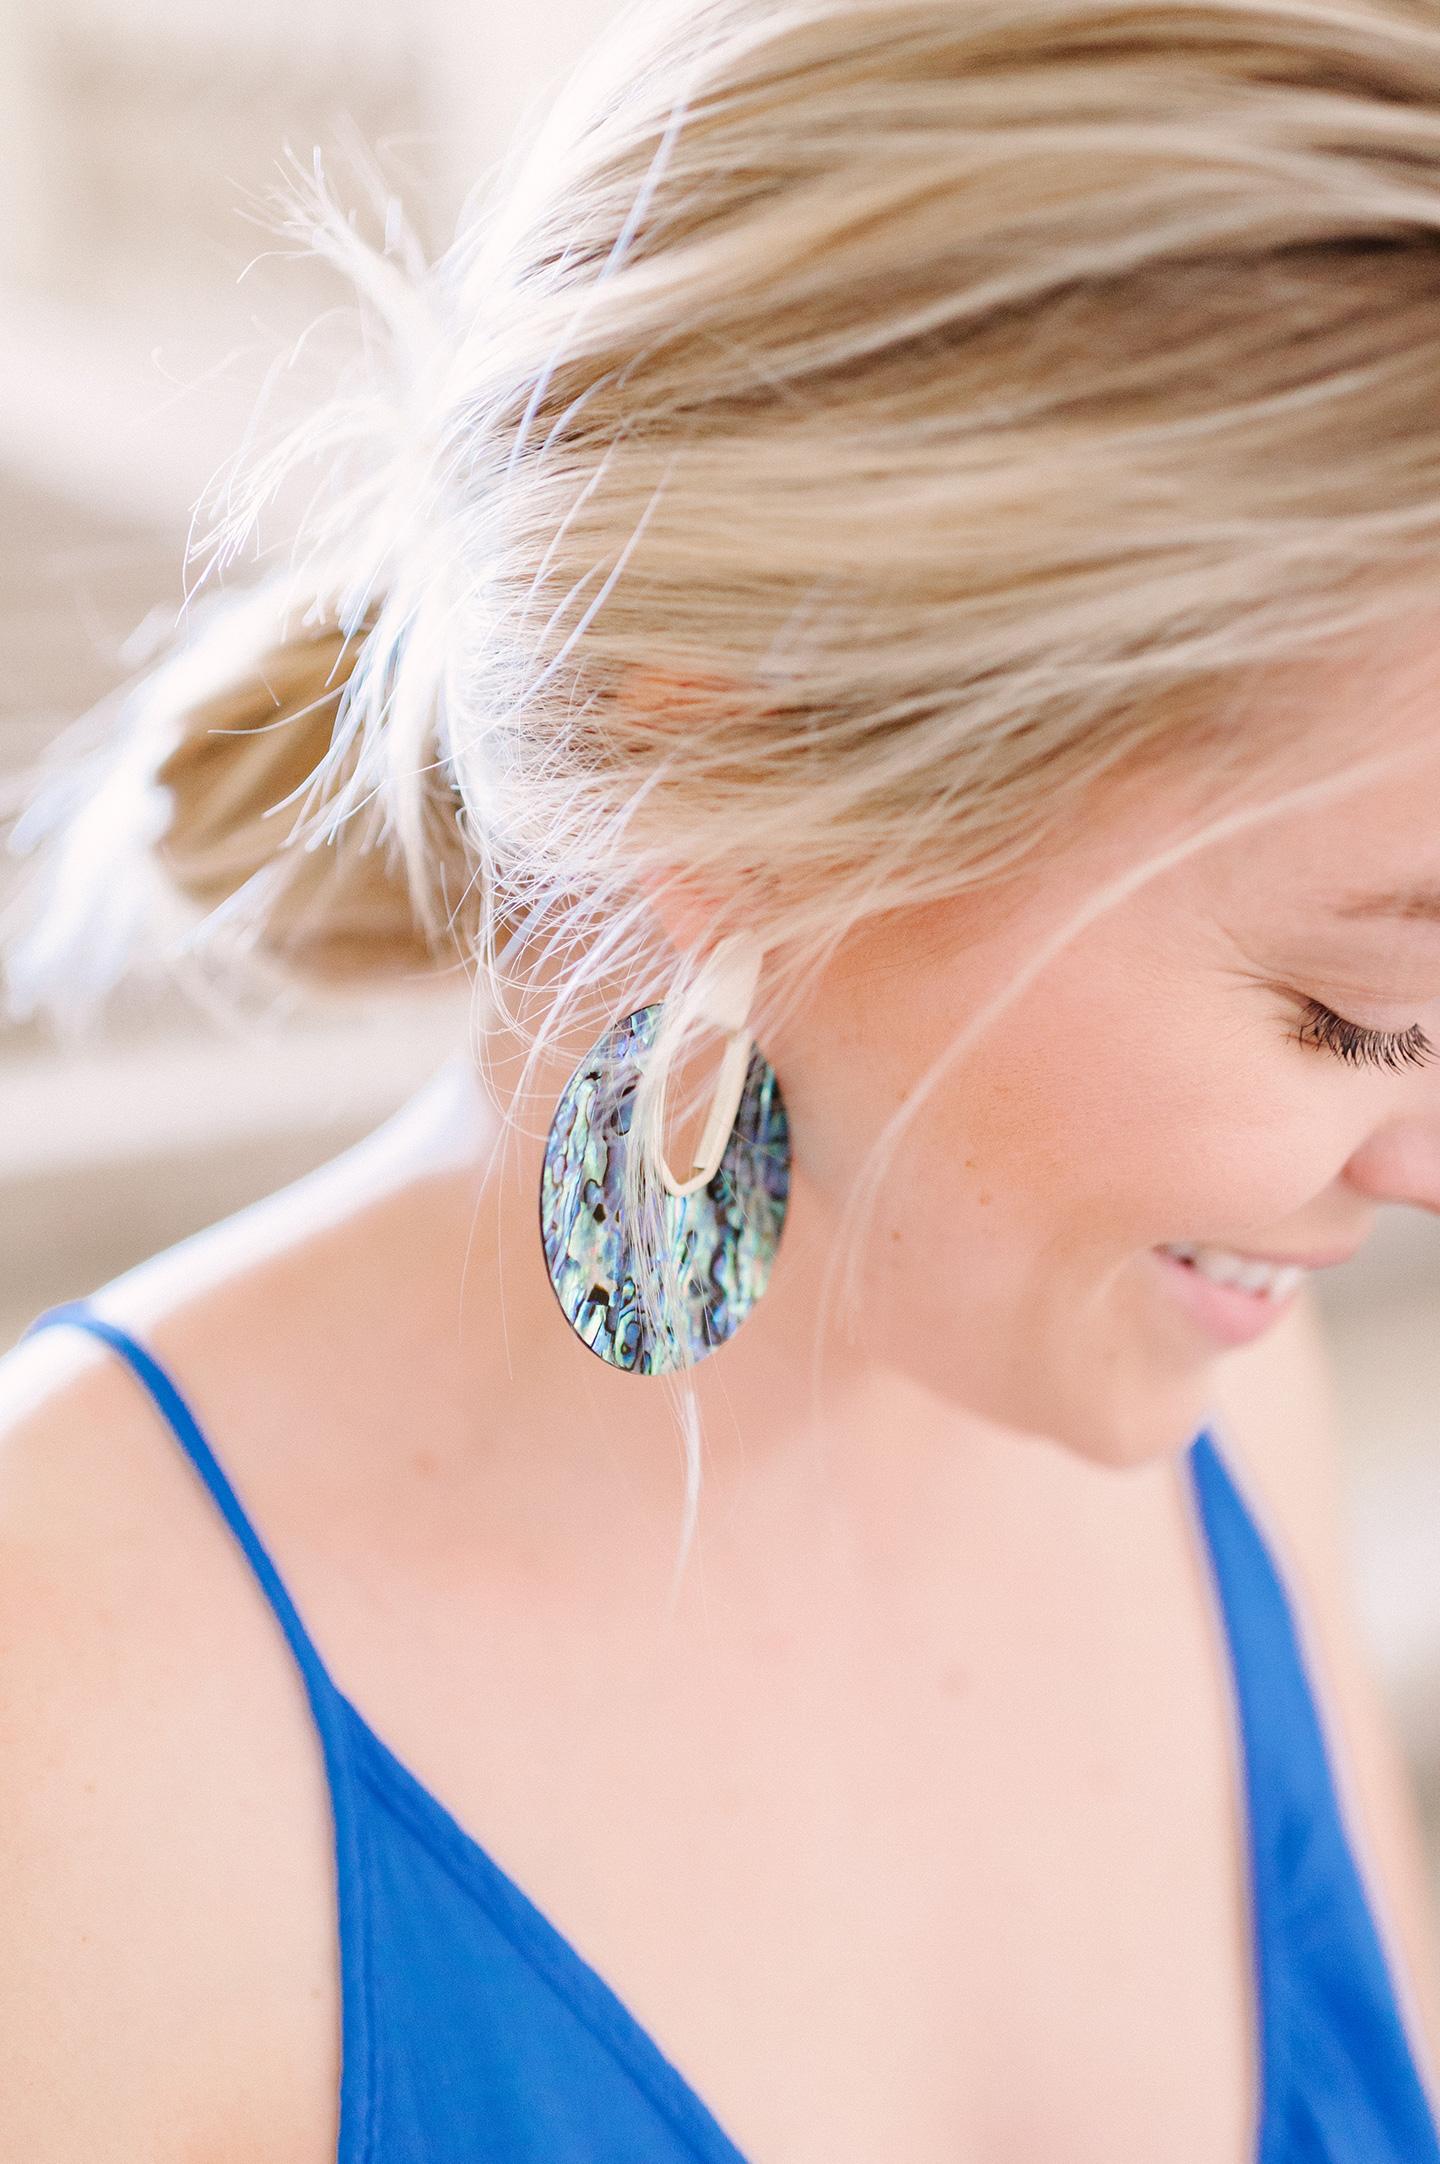 Kendra Scott Diane Earrings in Abalone Shell